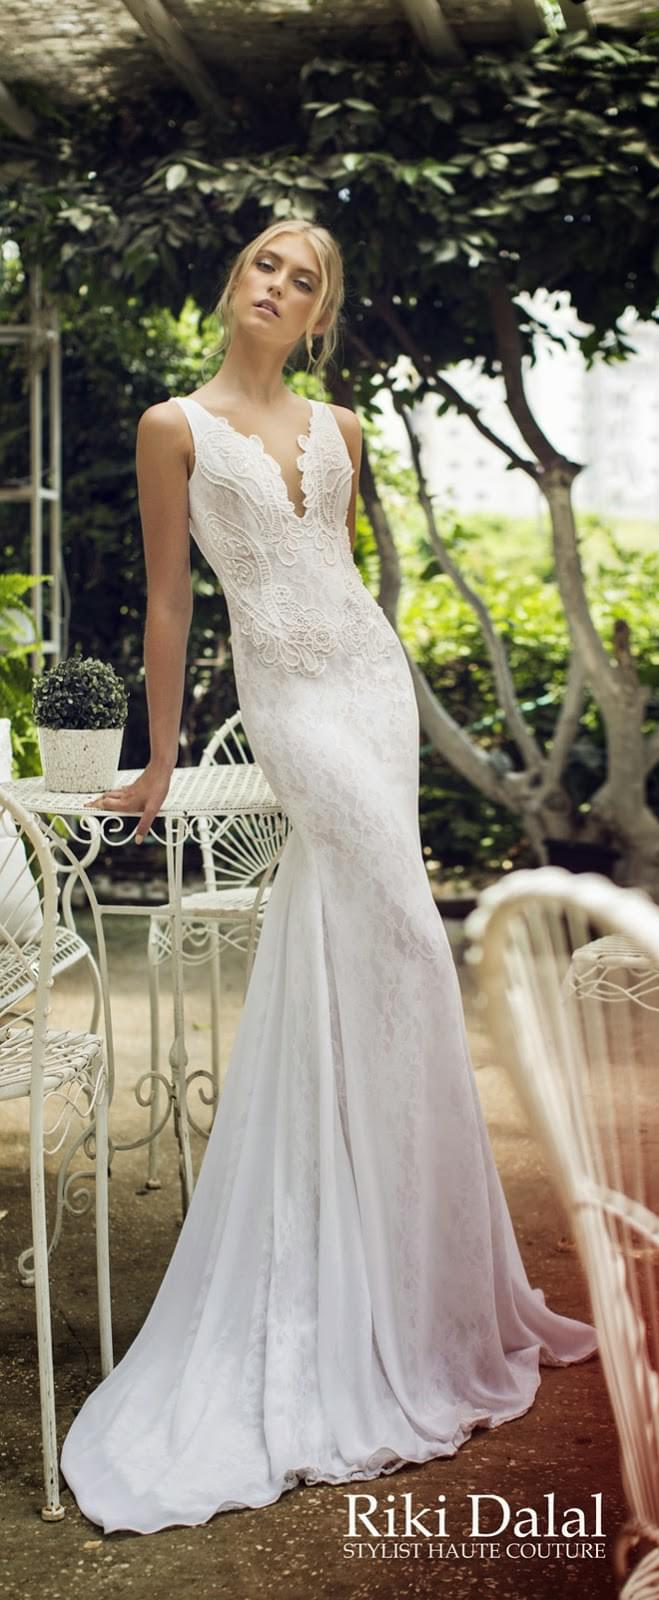 Riki Dalal suknie ślubne z oronka sesksowne kobiece długie lejące blog ślubny inspiracje boho elegant